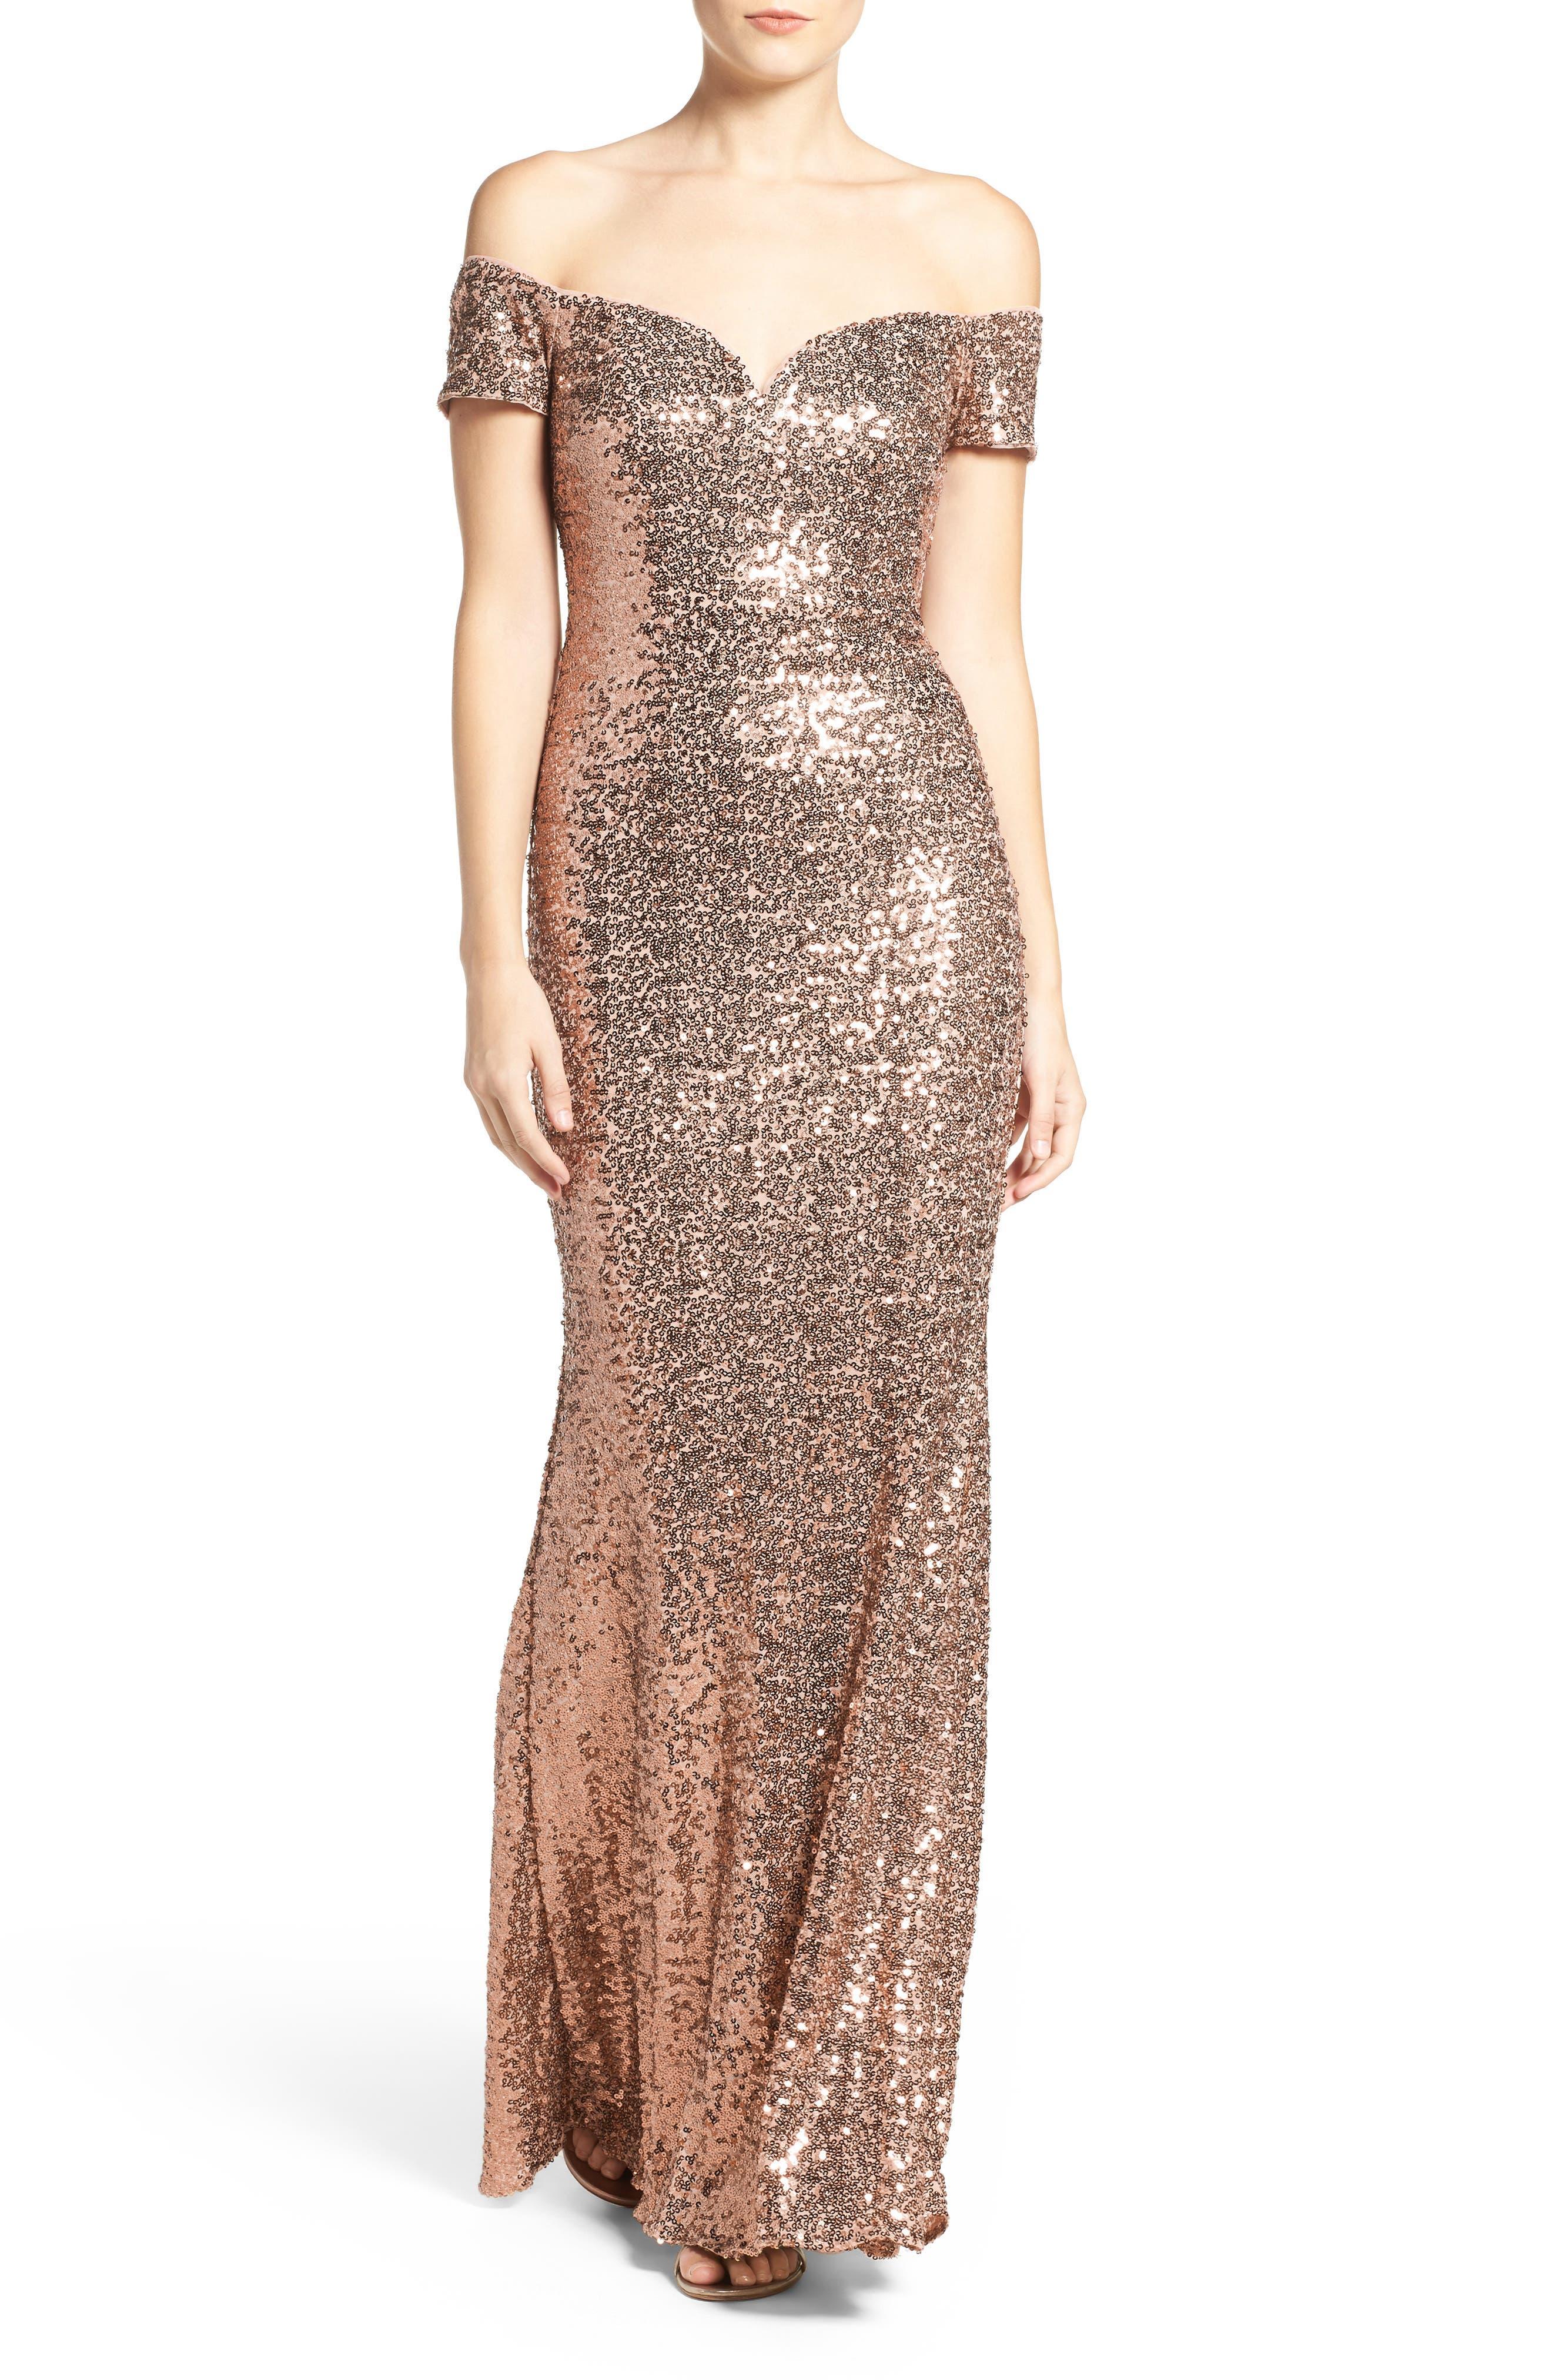 Main Image - Badgley Mischka Off the Shoulder Sequin Gown